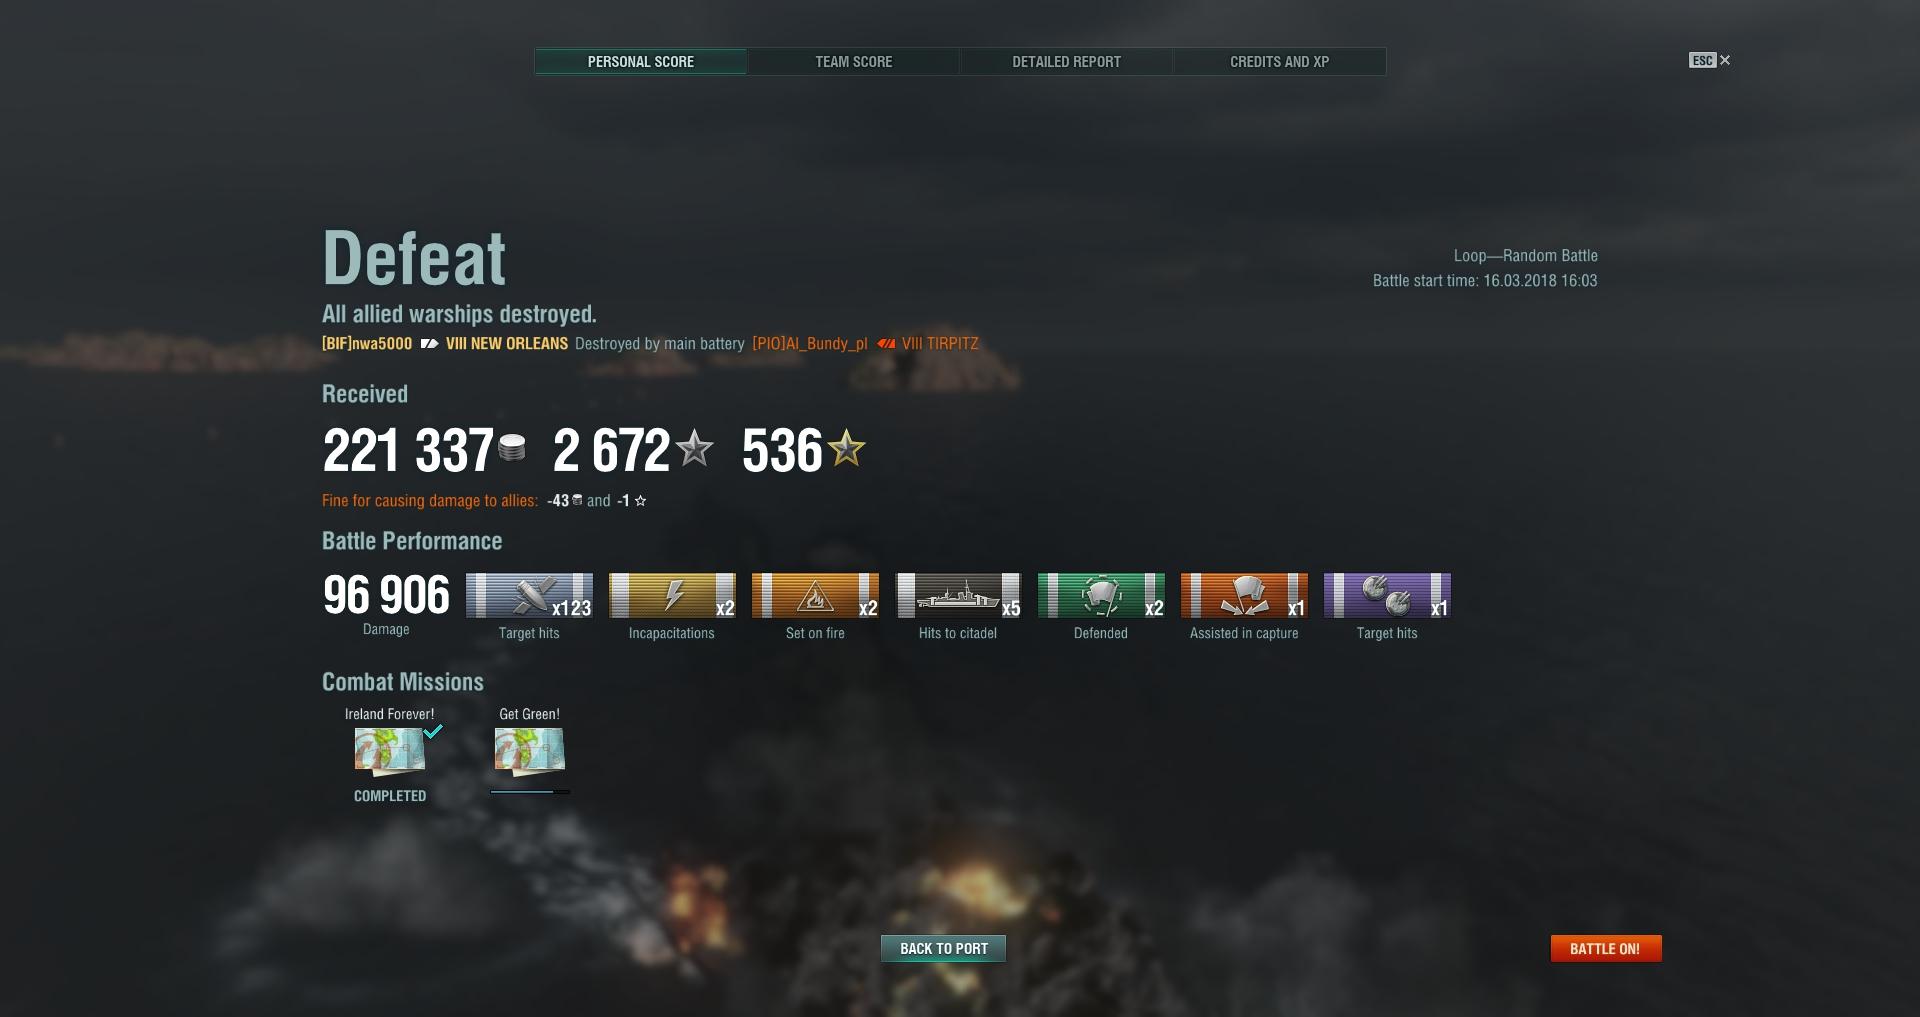 shot-18.03.16_16.23.52-0663.jpg